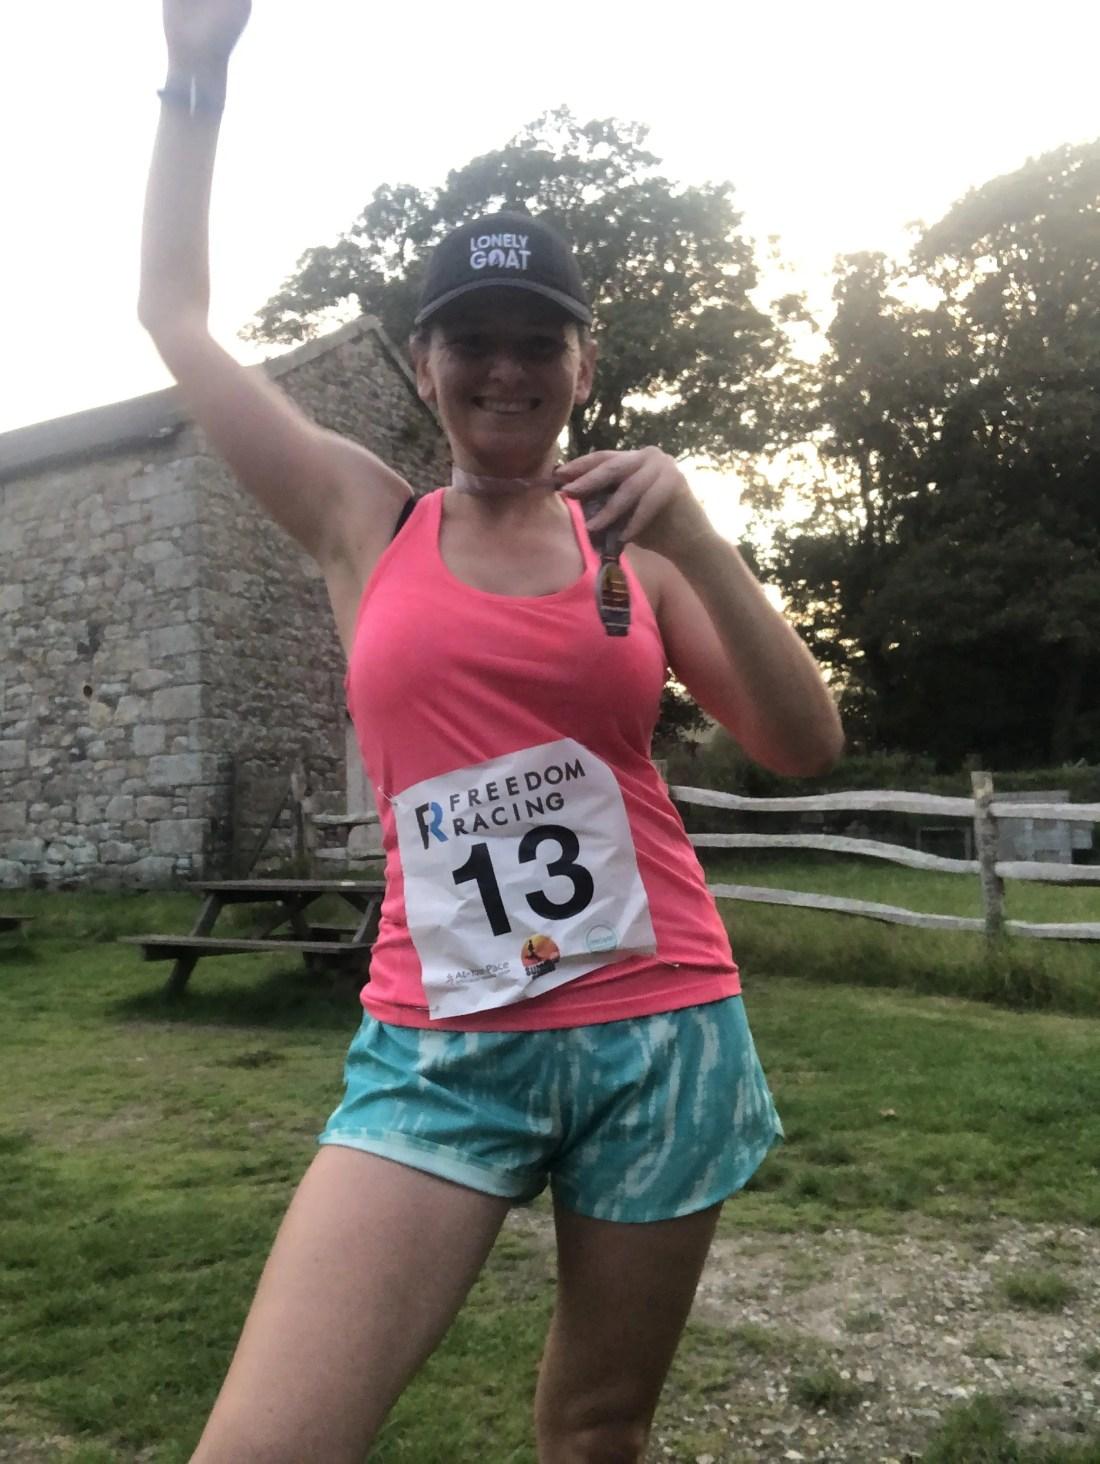 Woman runner holding medal